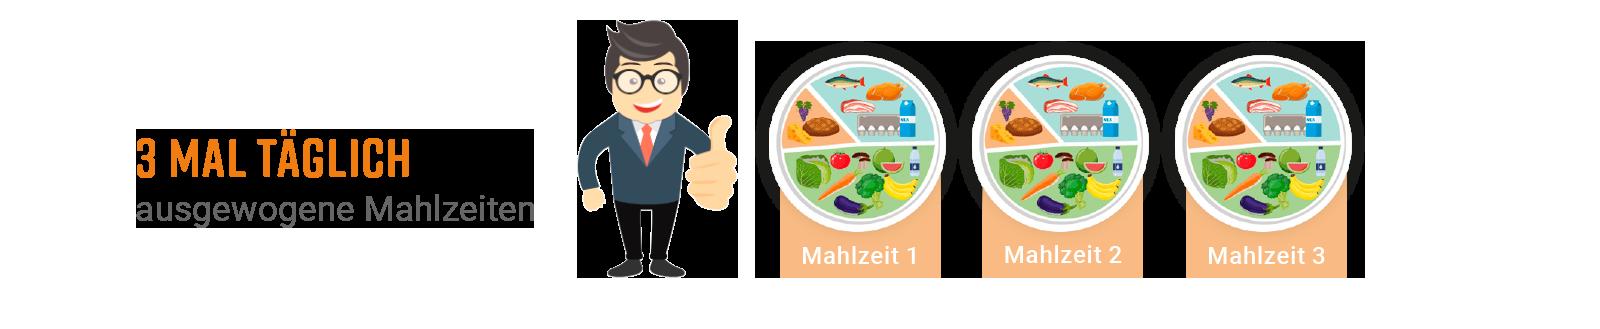 Illustration Wunschgewichtsphase mit 3 Mahlzeiten